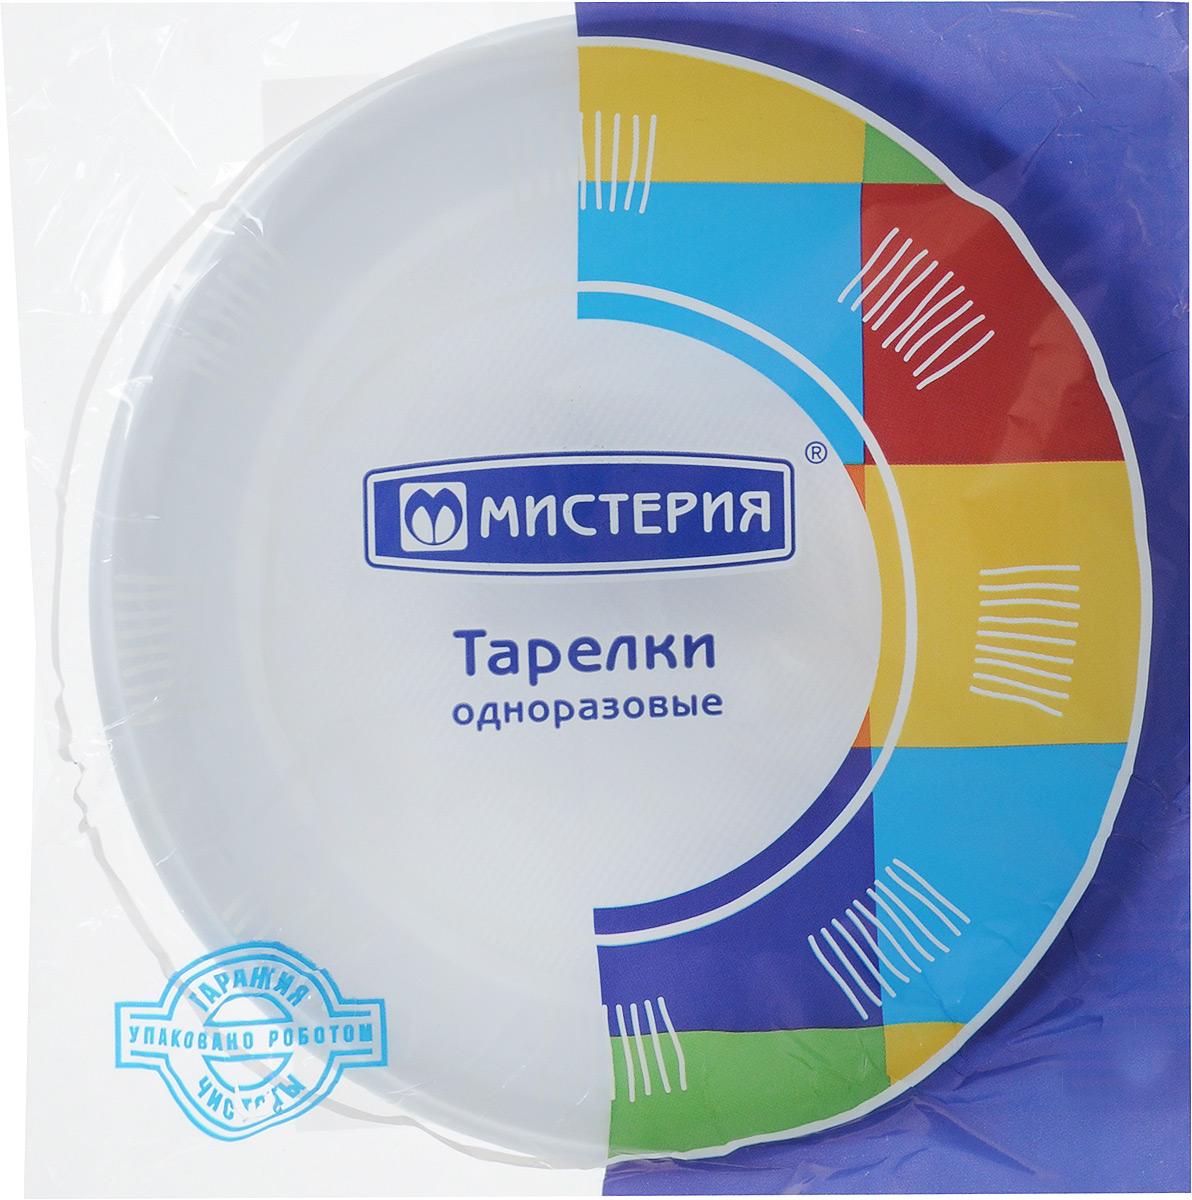 Набор одноразовых десертных тарелок Мистерия, цвет: белый, диаметр 17 см, 12 шт183880аНабор Мистерия состоит из 12 круглых десертных тарелок, выполненных из полистирола и предназначенных для одноразового использования. Подходят для холодных и горячих пищевых продуктов.Одноразовые тарелки будут незаменимы при поездках на природу, пикниках и других мероприятиях. Они не займут много места, легки и самое главное - после использования их не надо мыть.Диаметр тарелки: 17 см.Высота тарелки: 1,5 см.